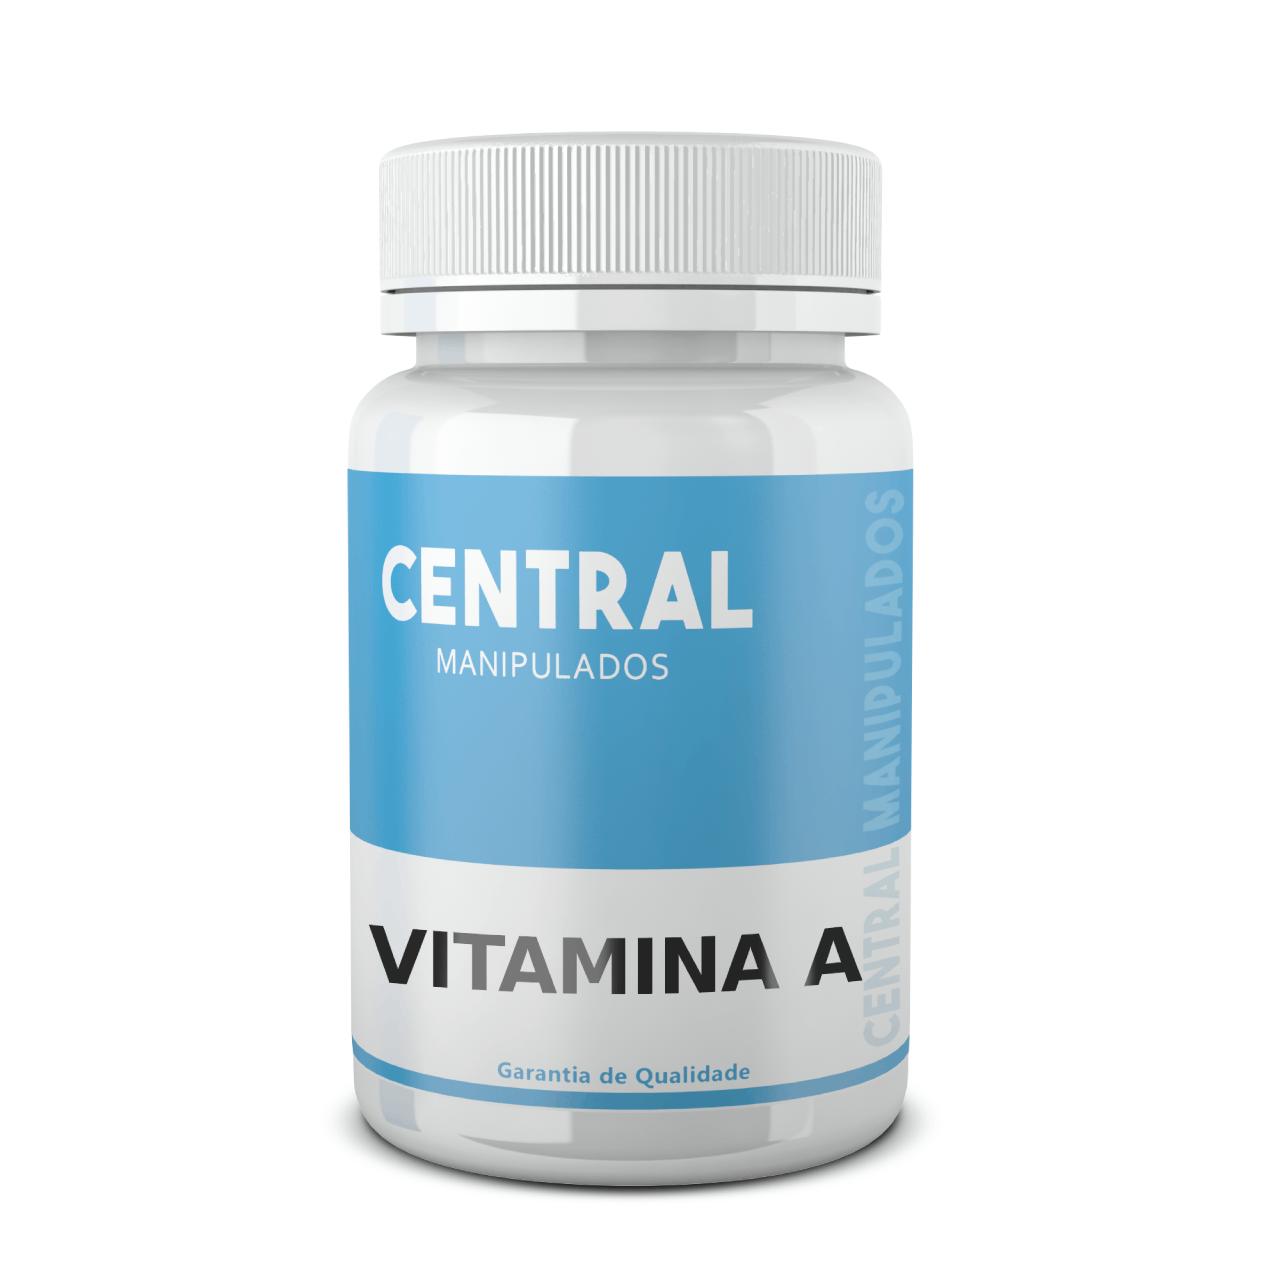 Vitamina A 10.000UI - 60 cápsulas - Benéfica para visão, pele, dentes, ossos, glândulas, unhas e cabelos